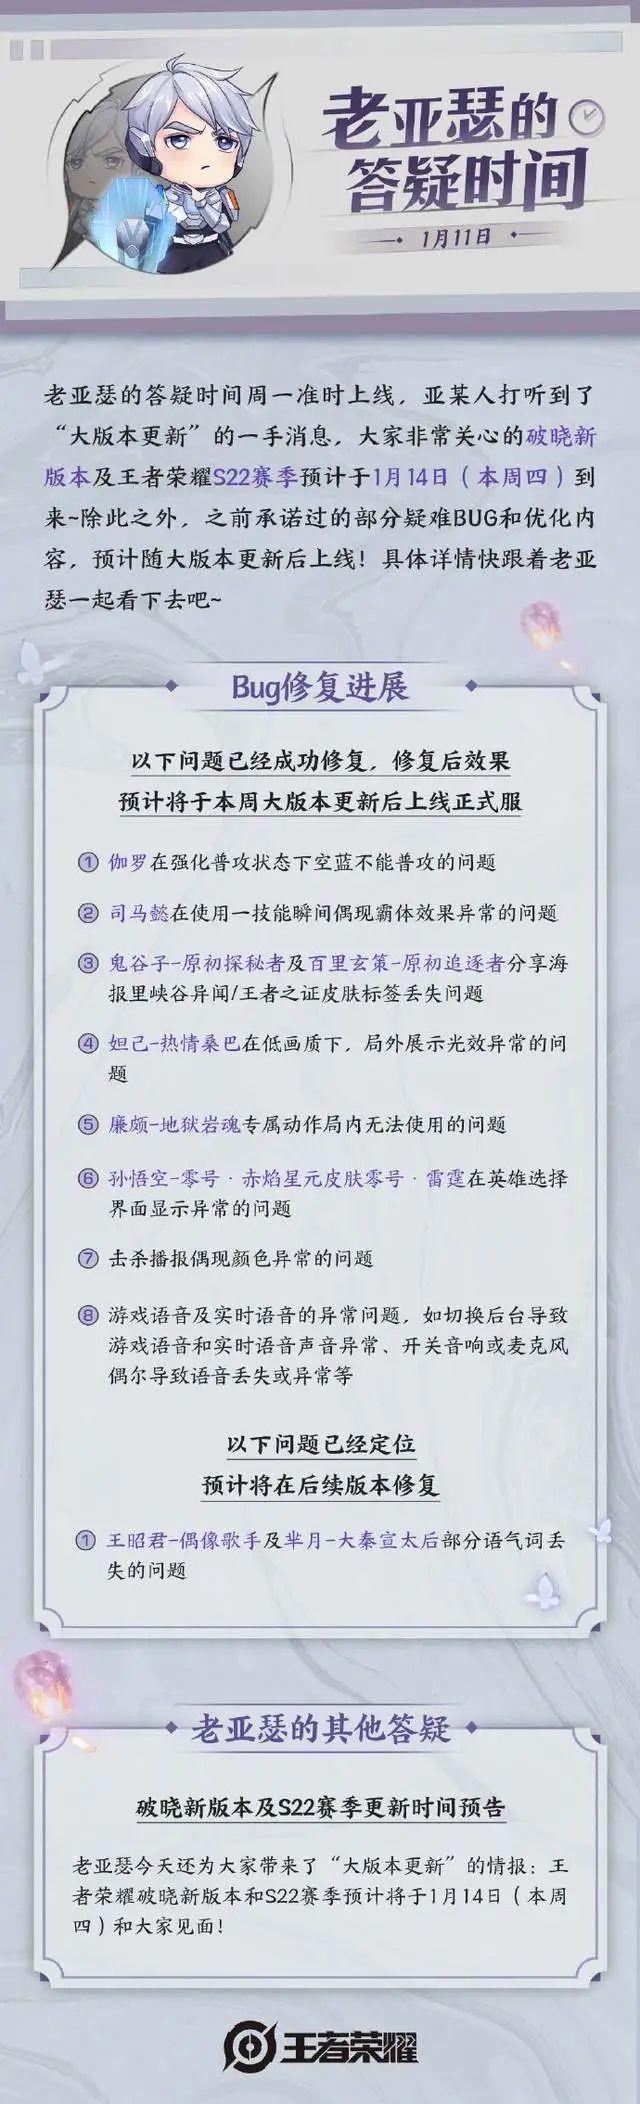 王者荣耀s22更新时间 1月14日几点更新s22赛季[多图]图片2